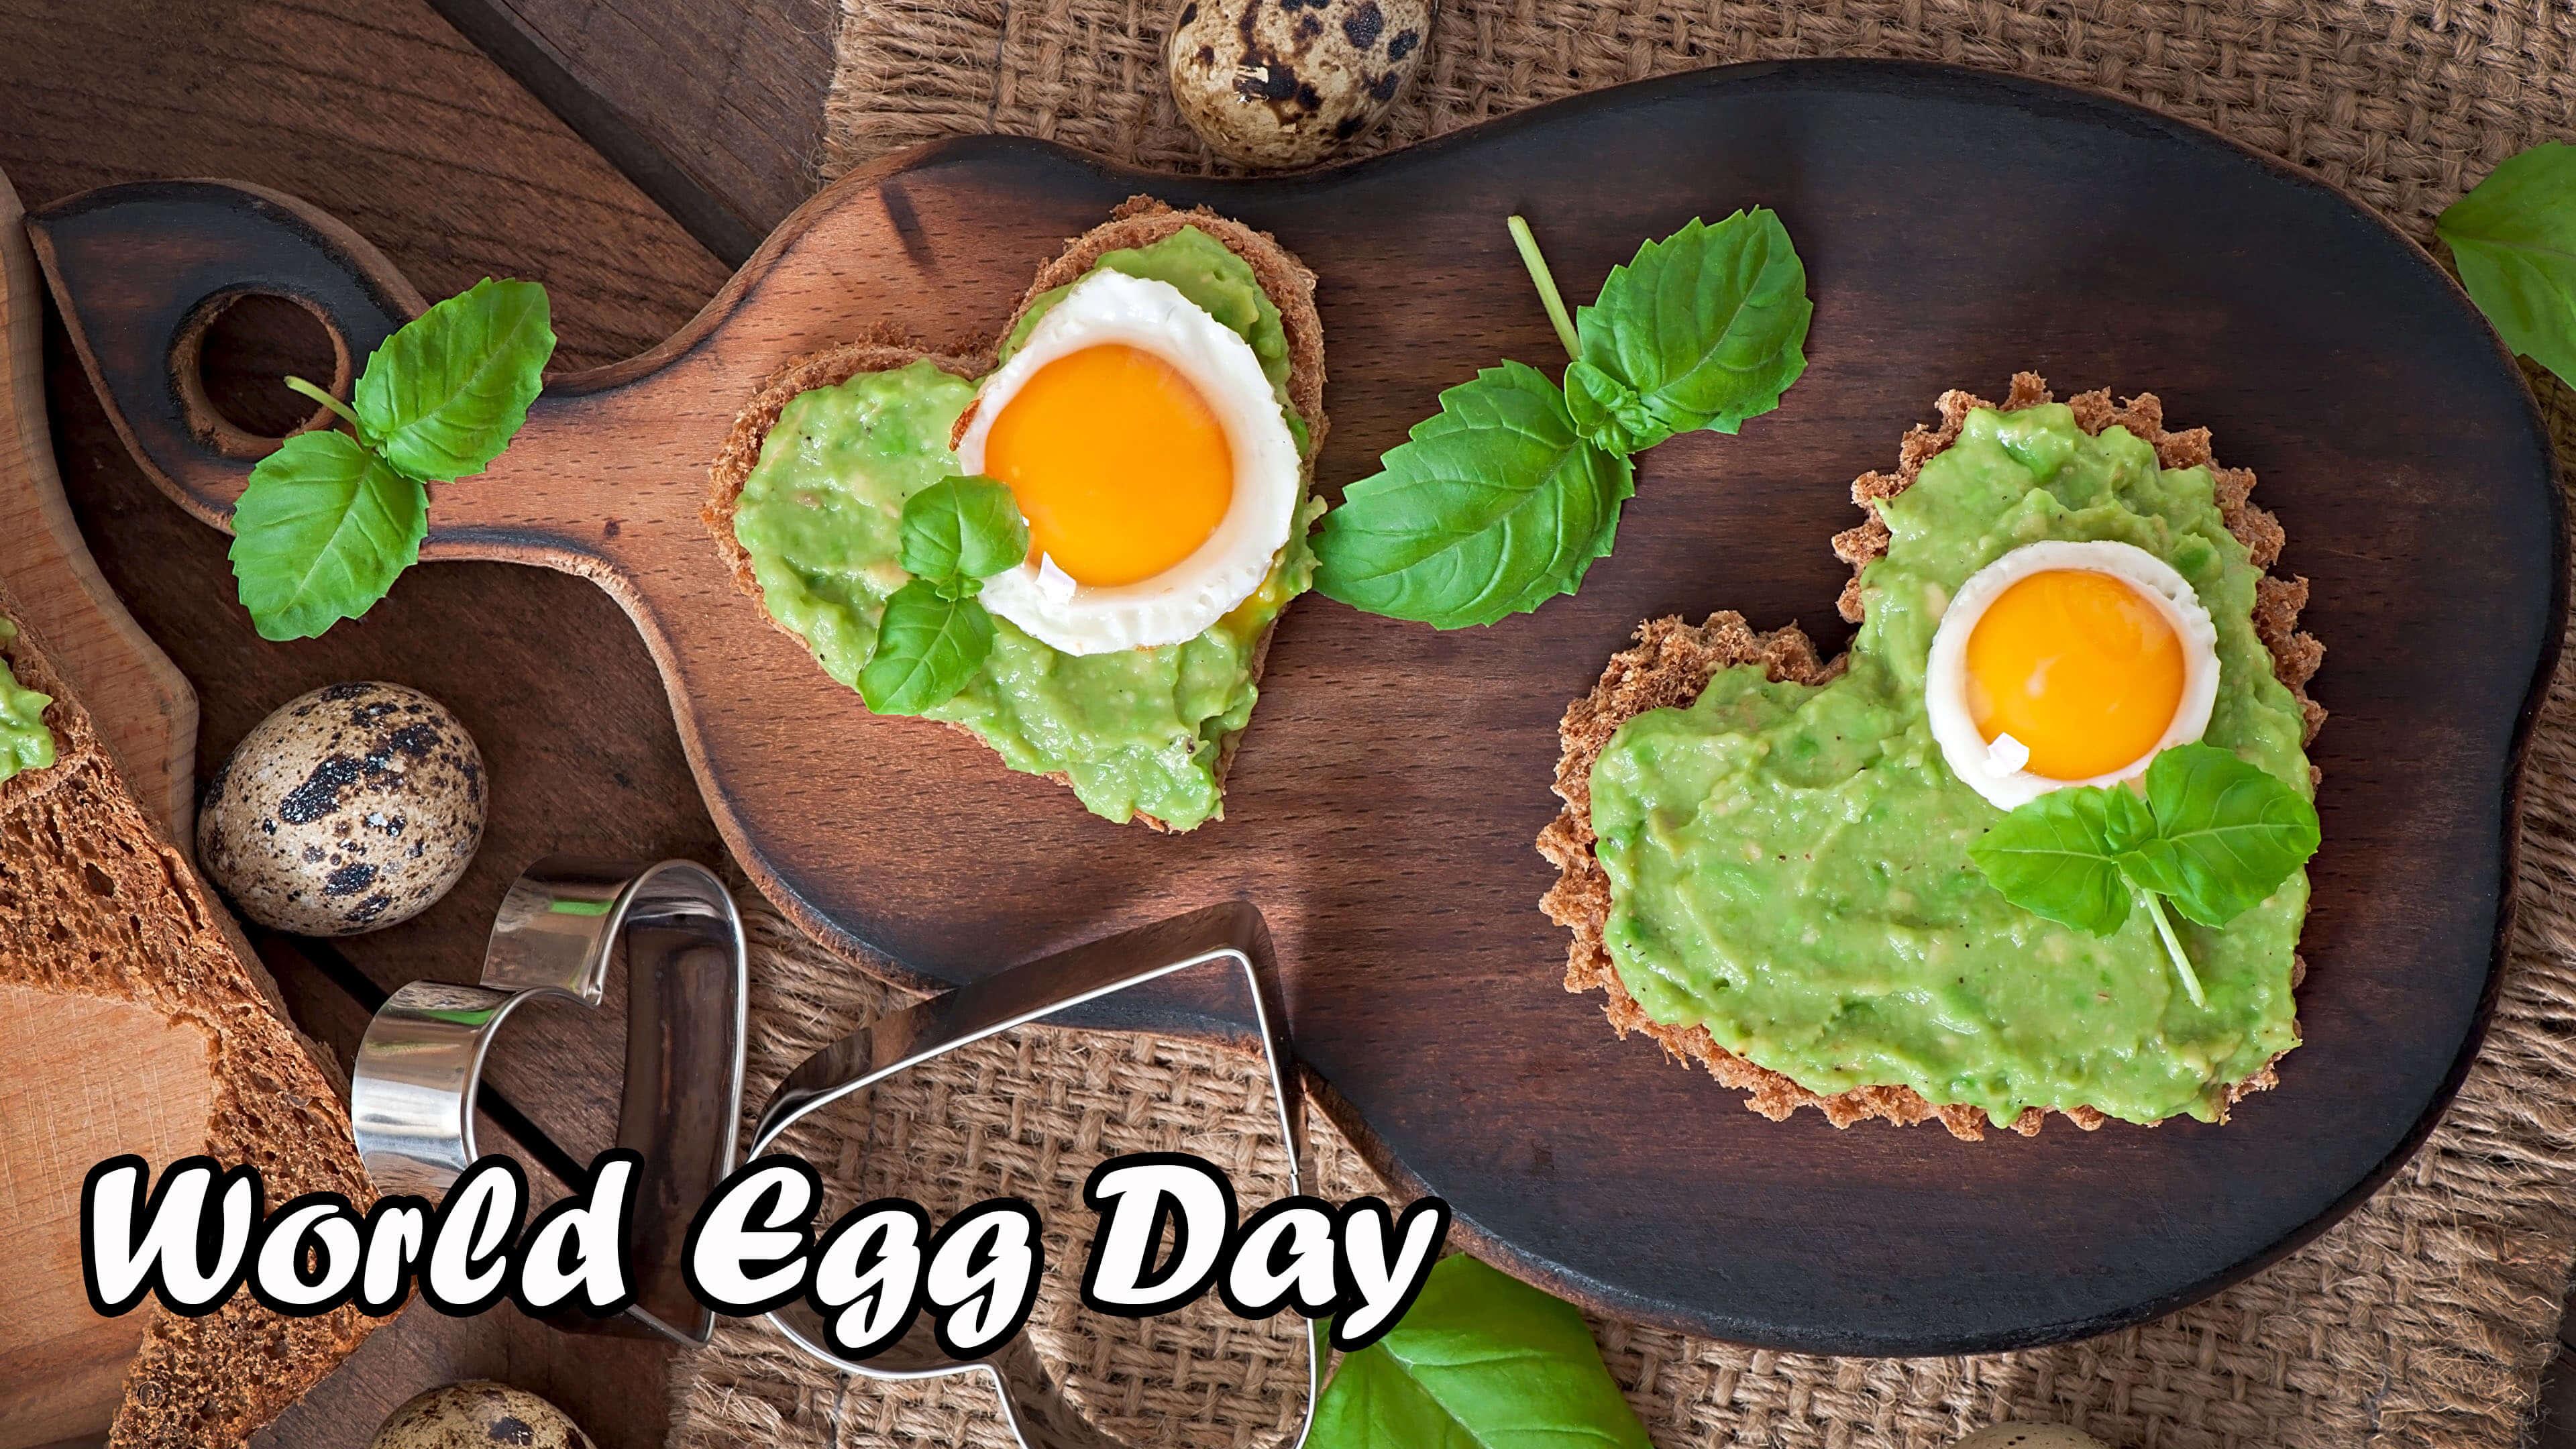 world egg day bread cutting board heart bulls eye hd wallpaper